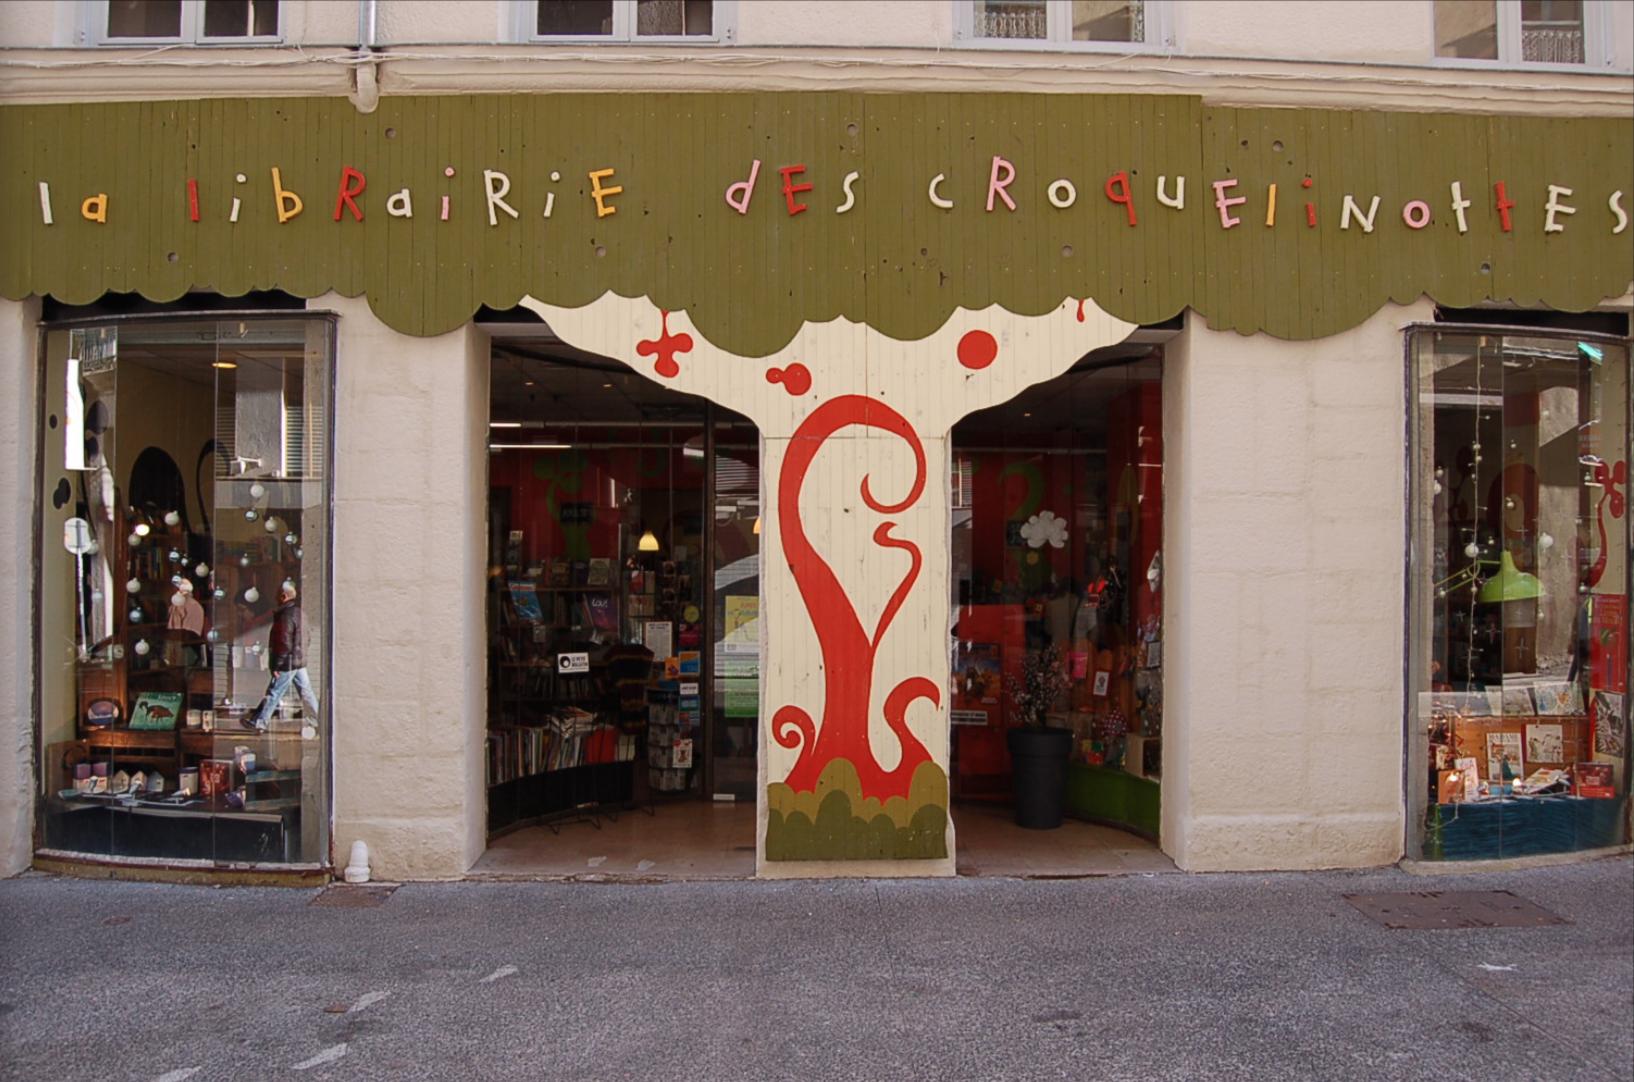 croquelinottes libraire indépendante saint-etienne